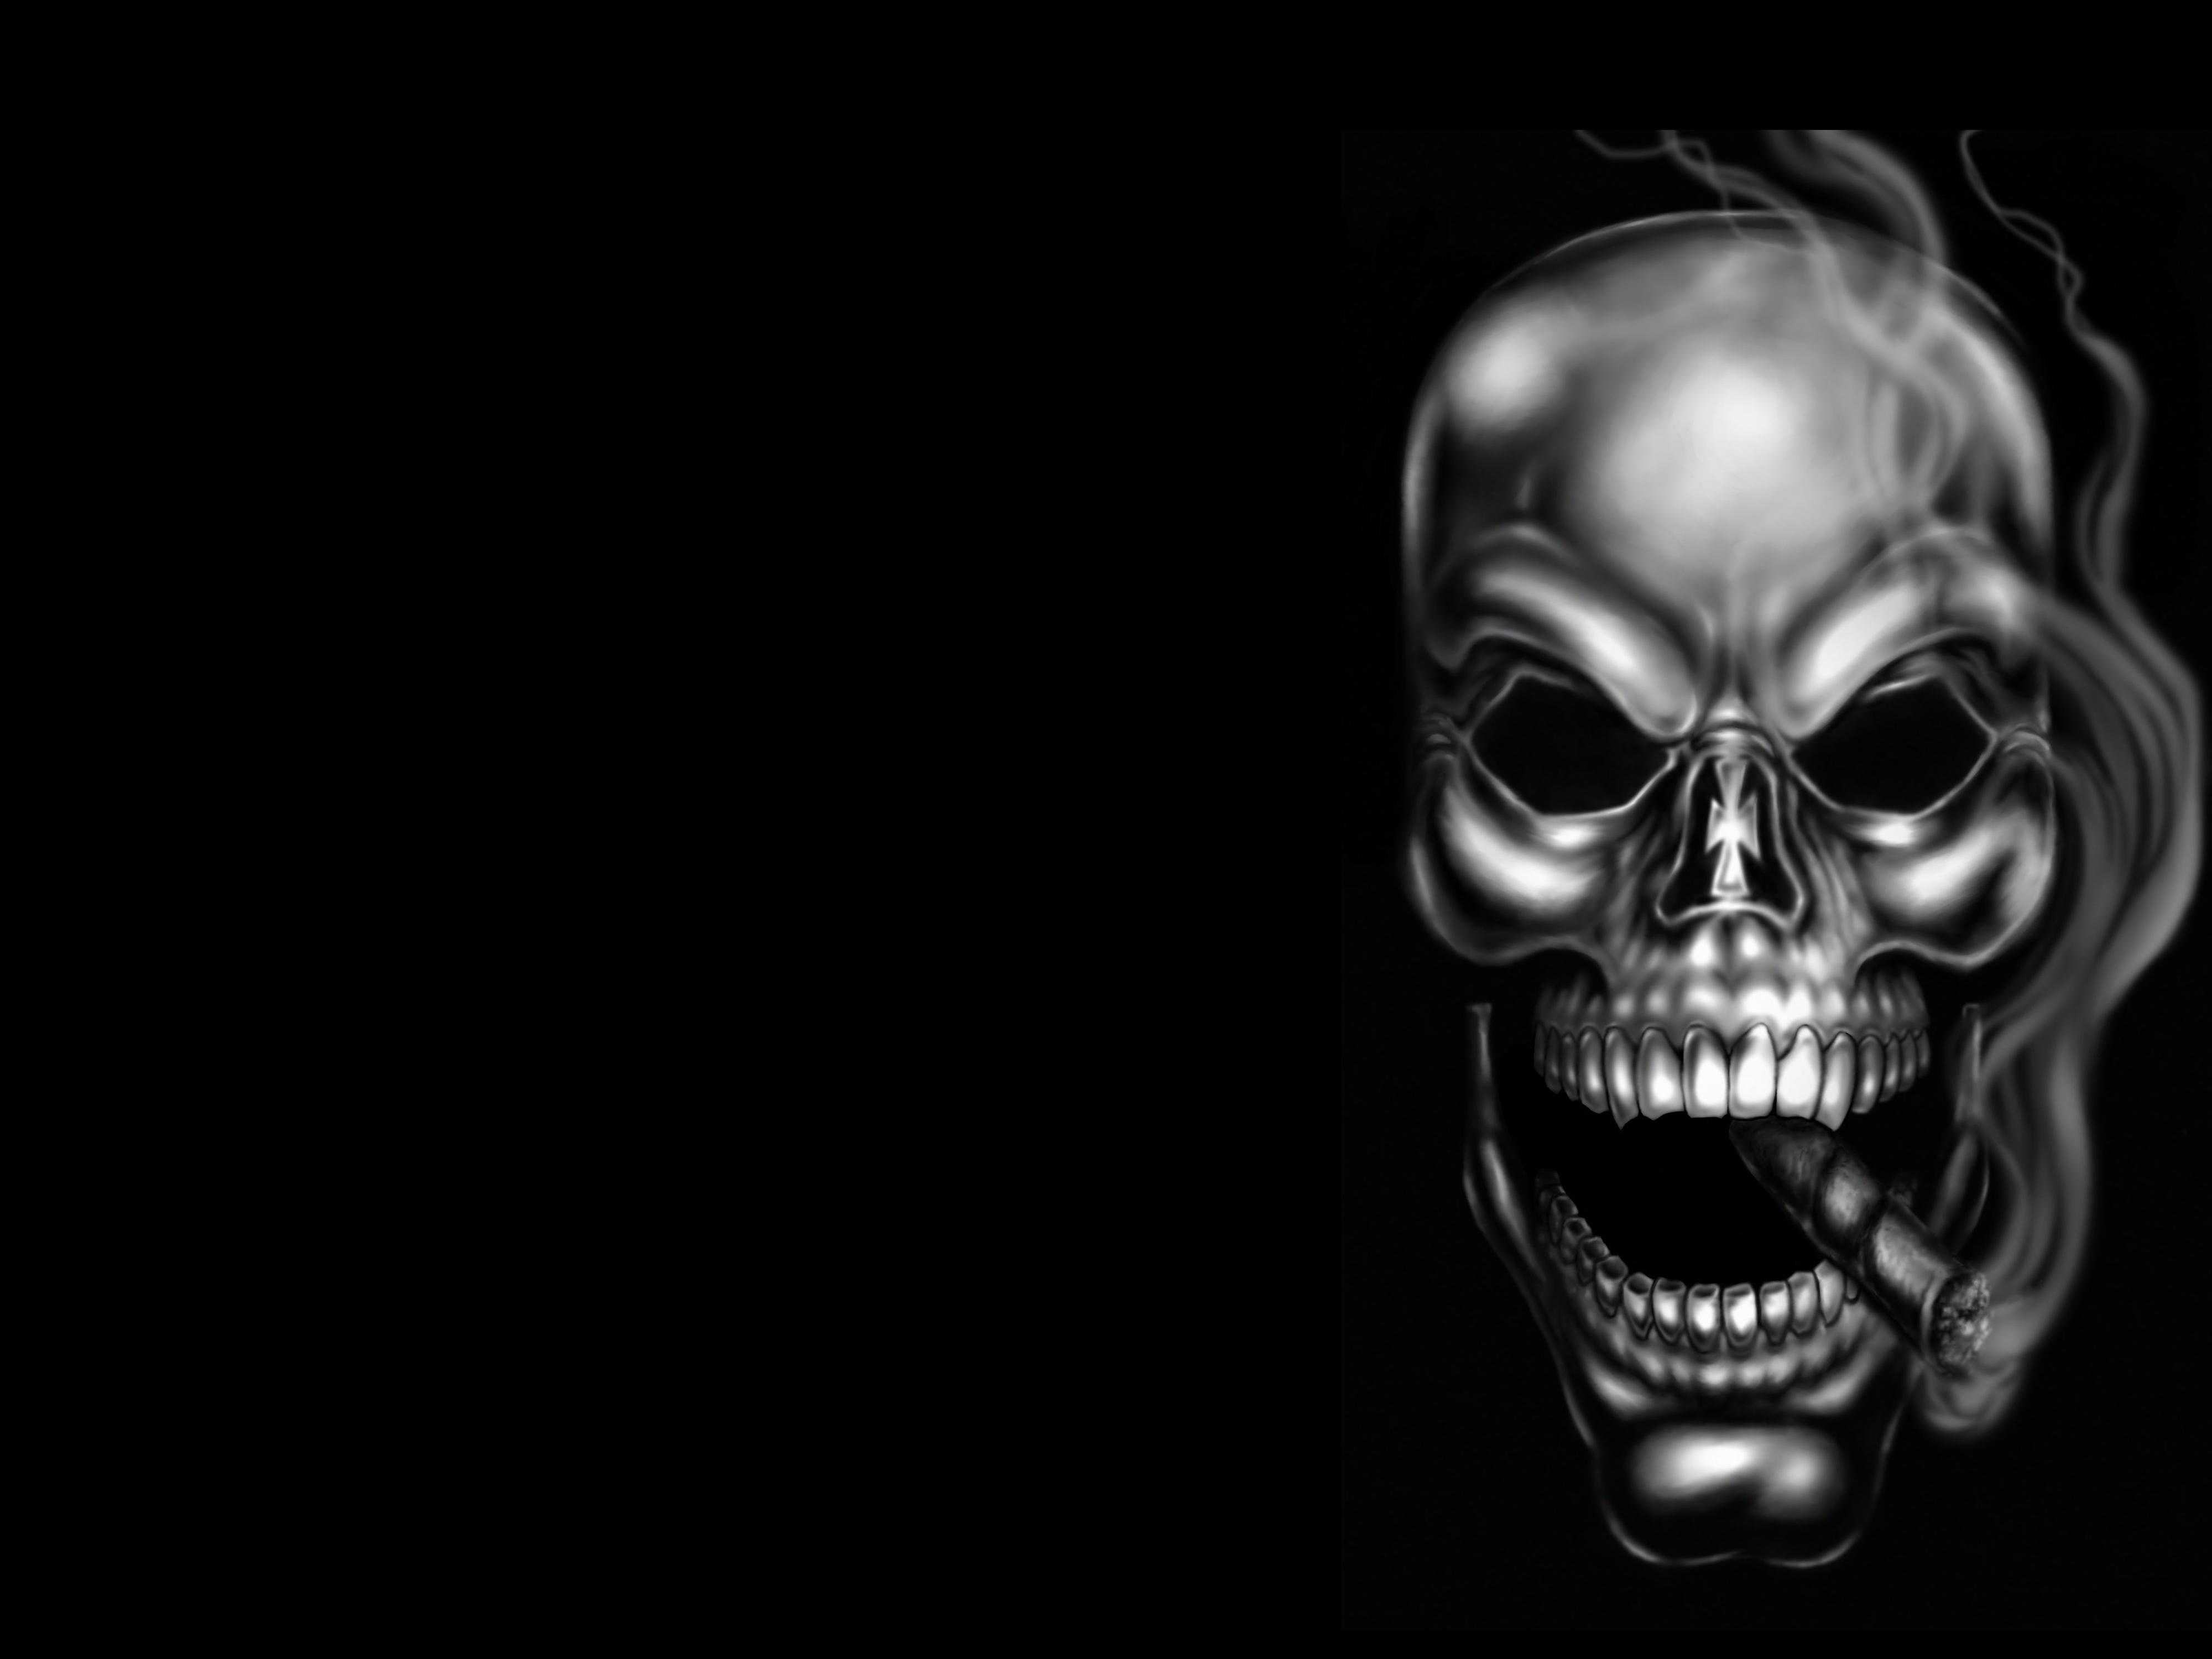 punisher skull wallpaper for android